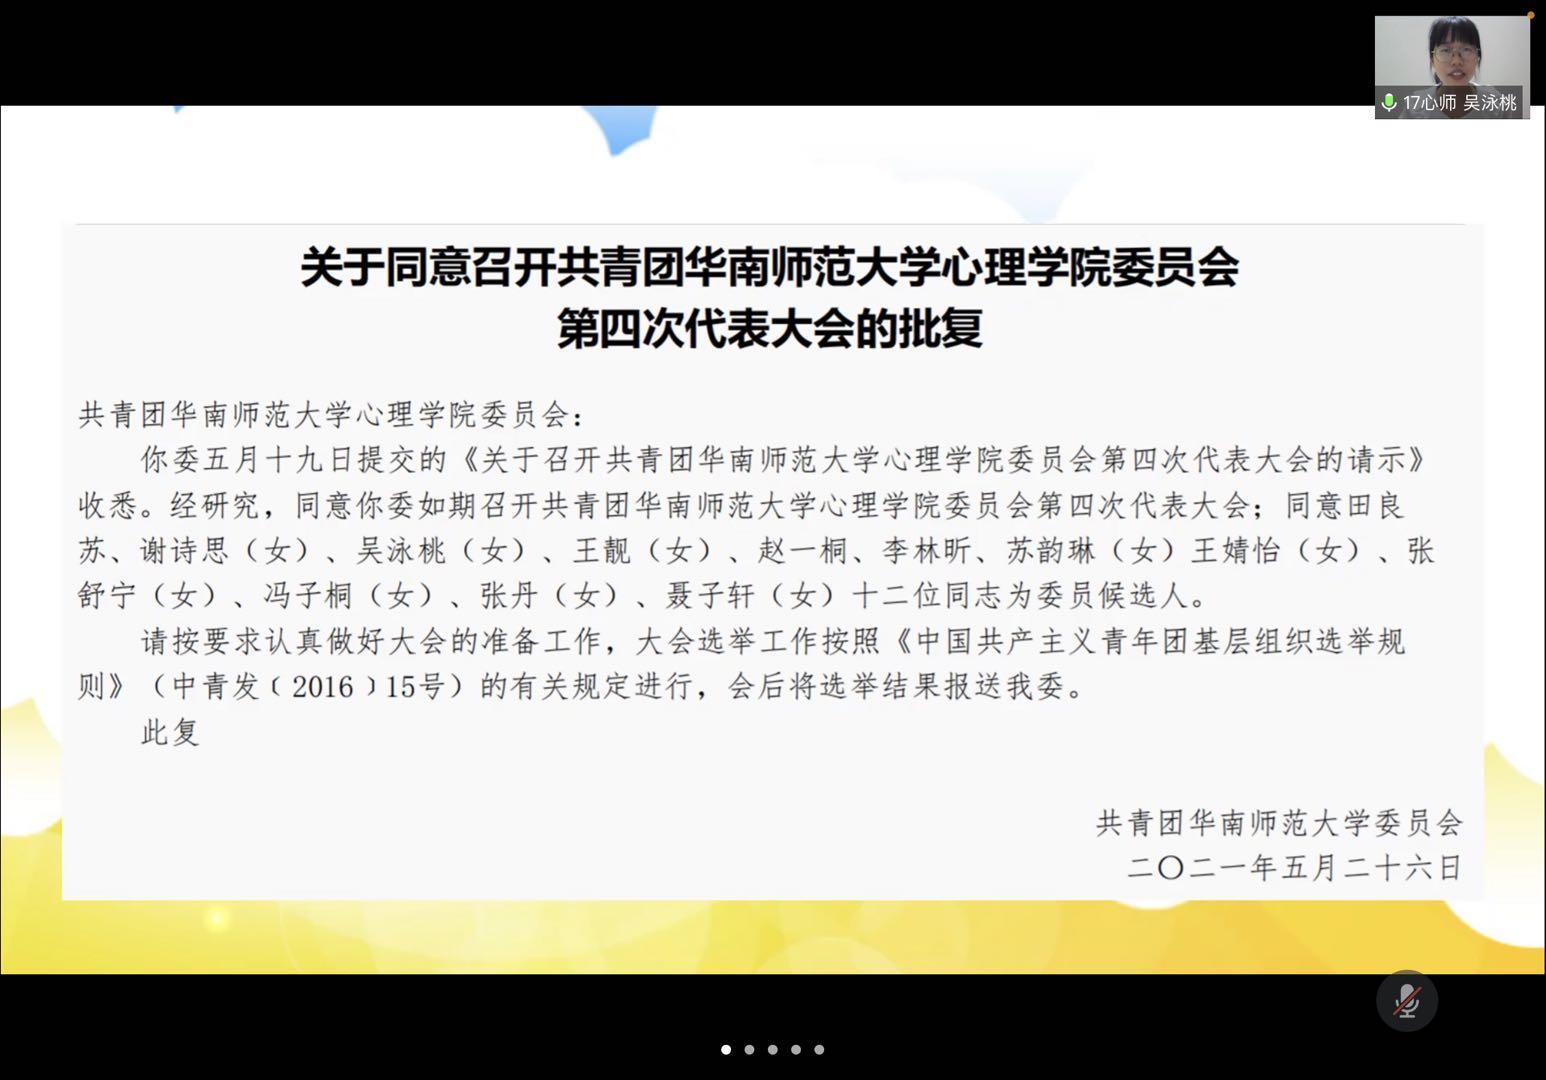 图7 吴泳桃同学做大会筹备工作报告.jpg